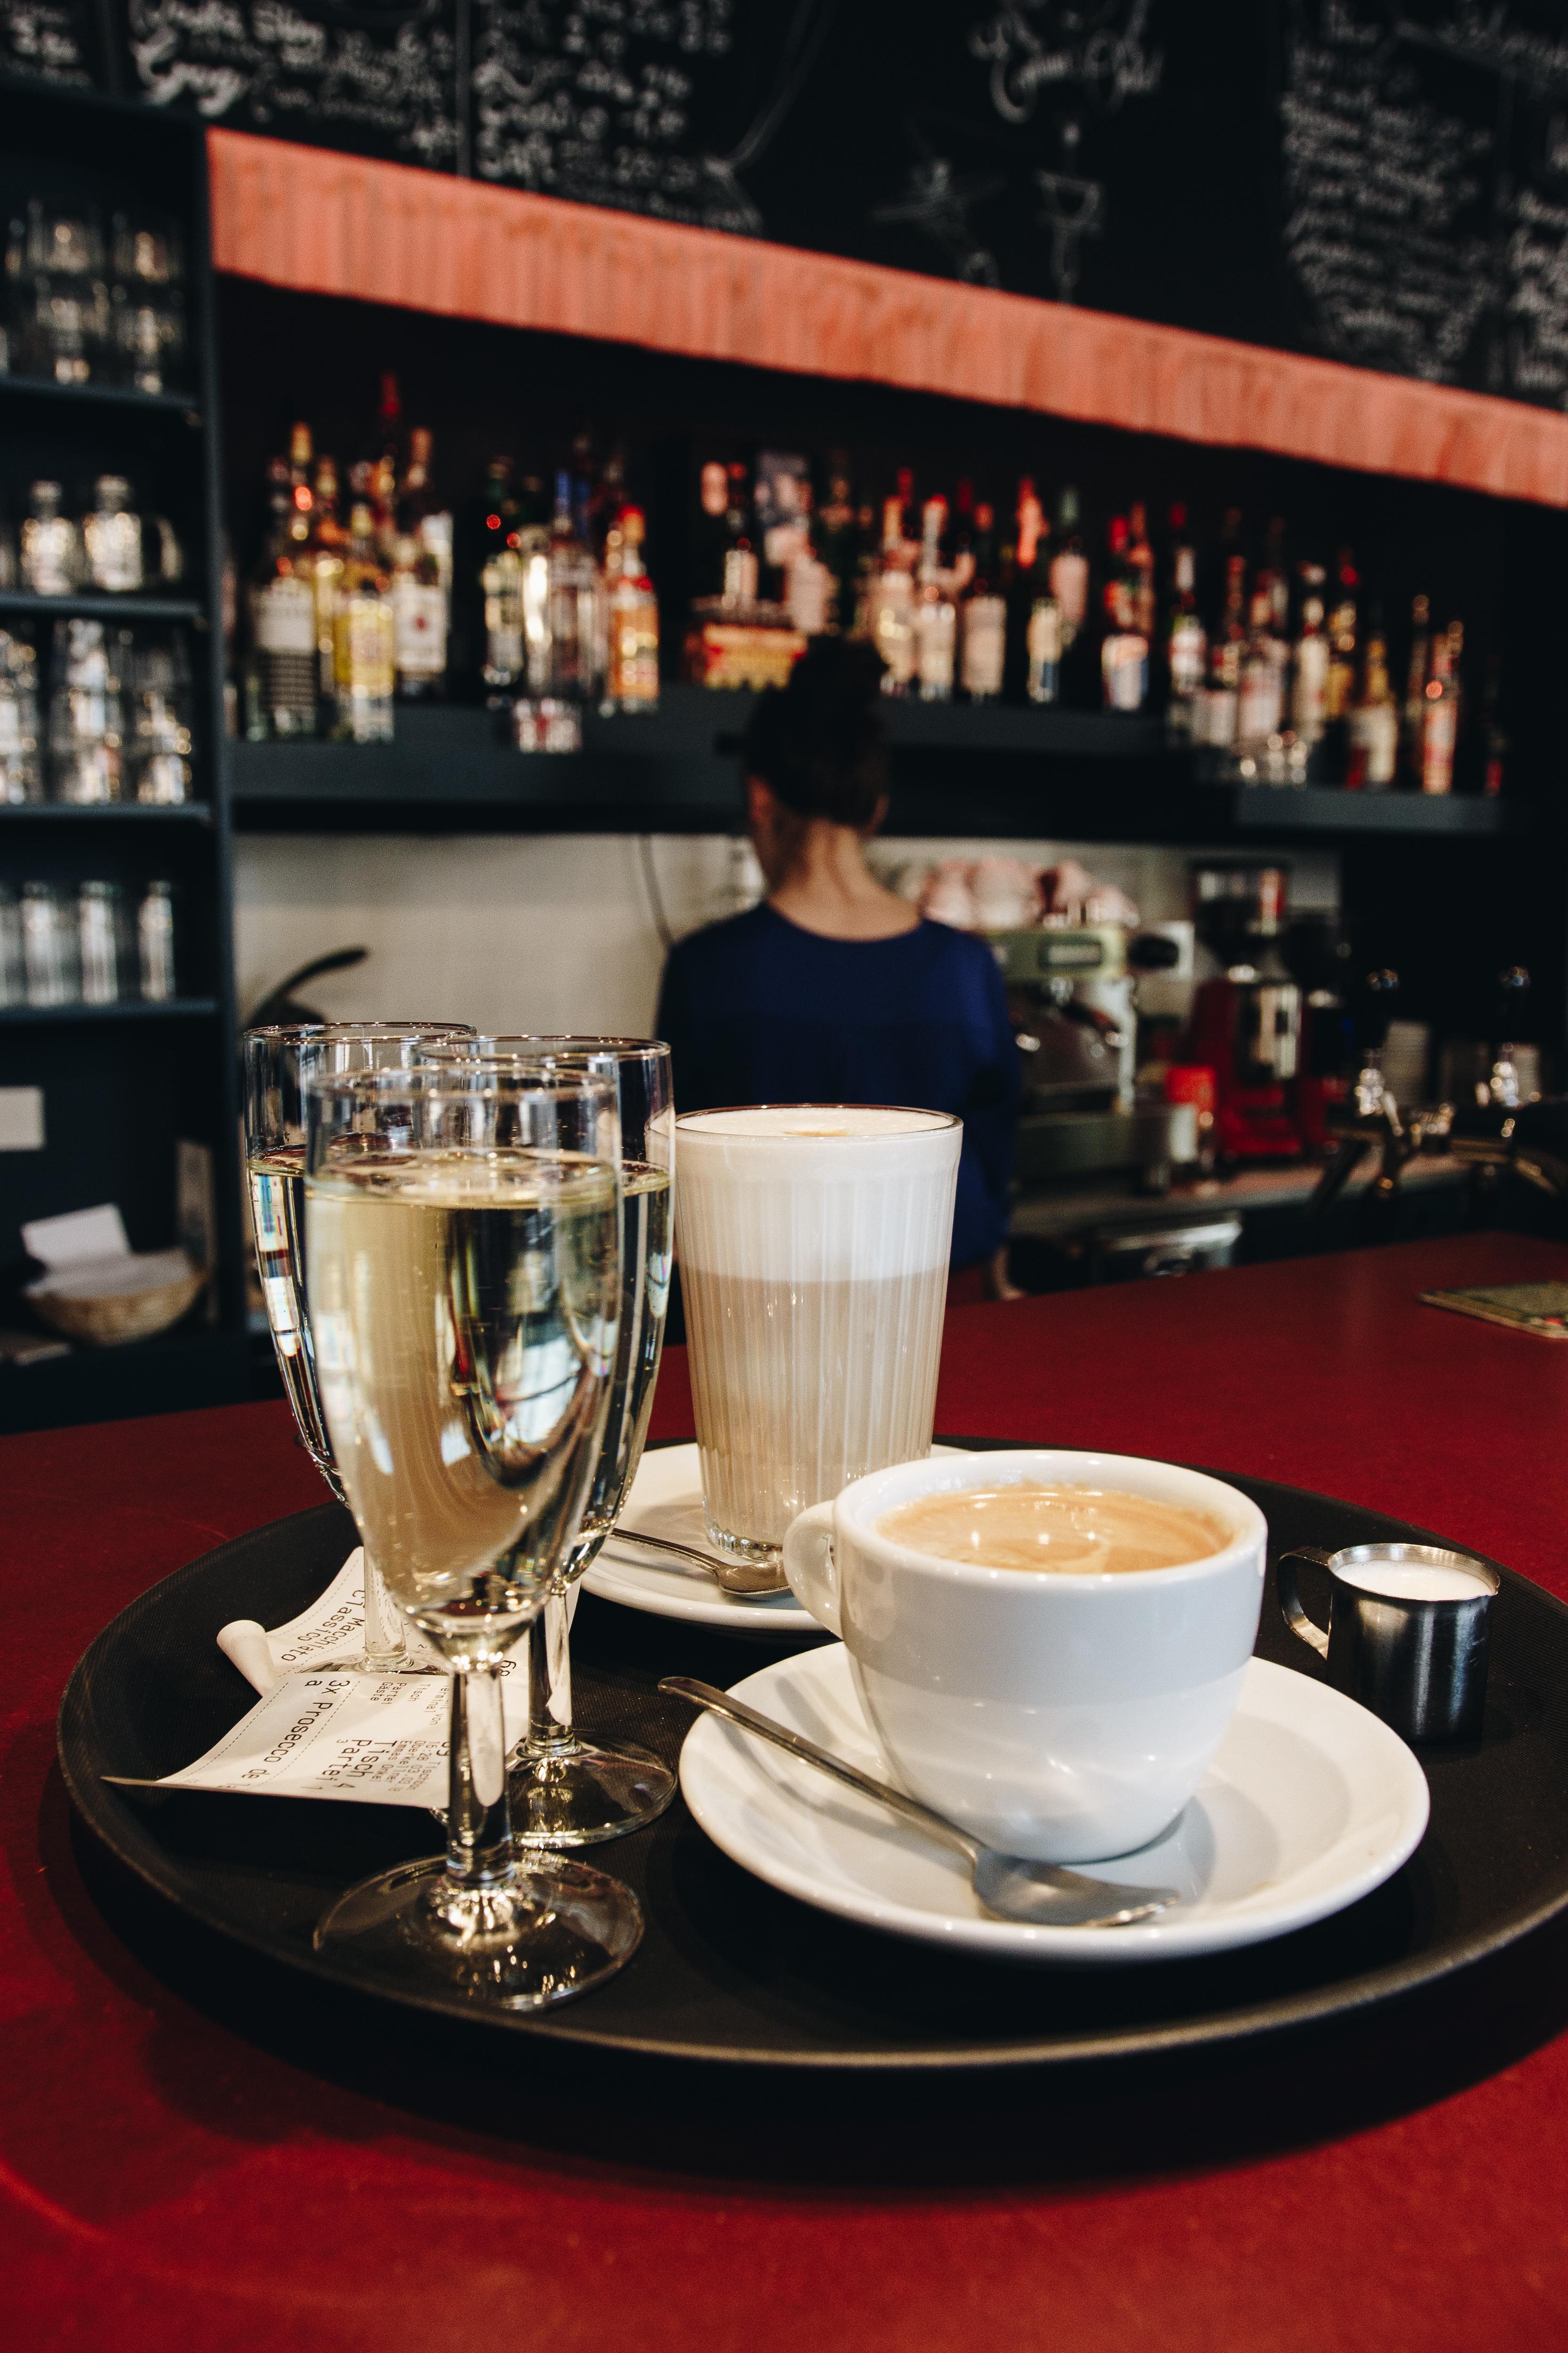 emmas onkel-chemnitz-café-kuchen-annabelle sagt23